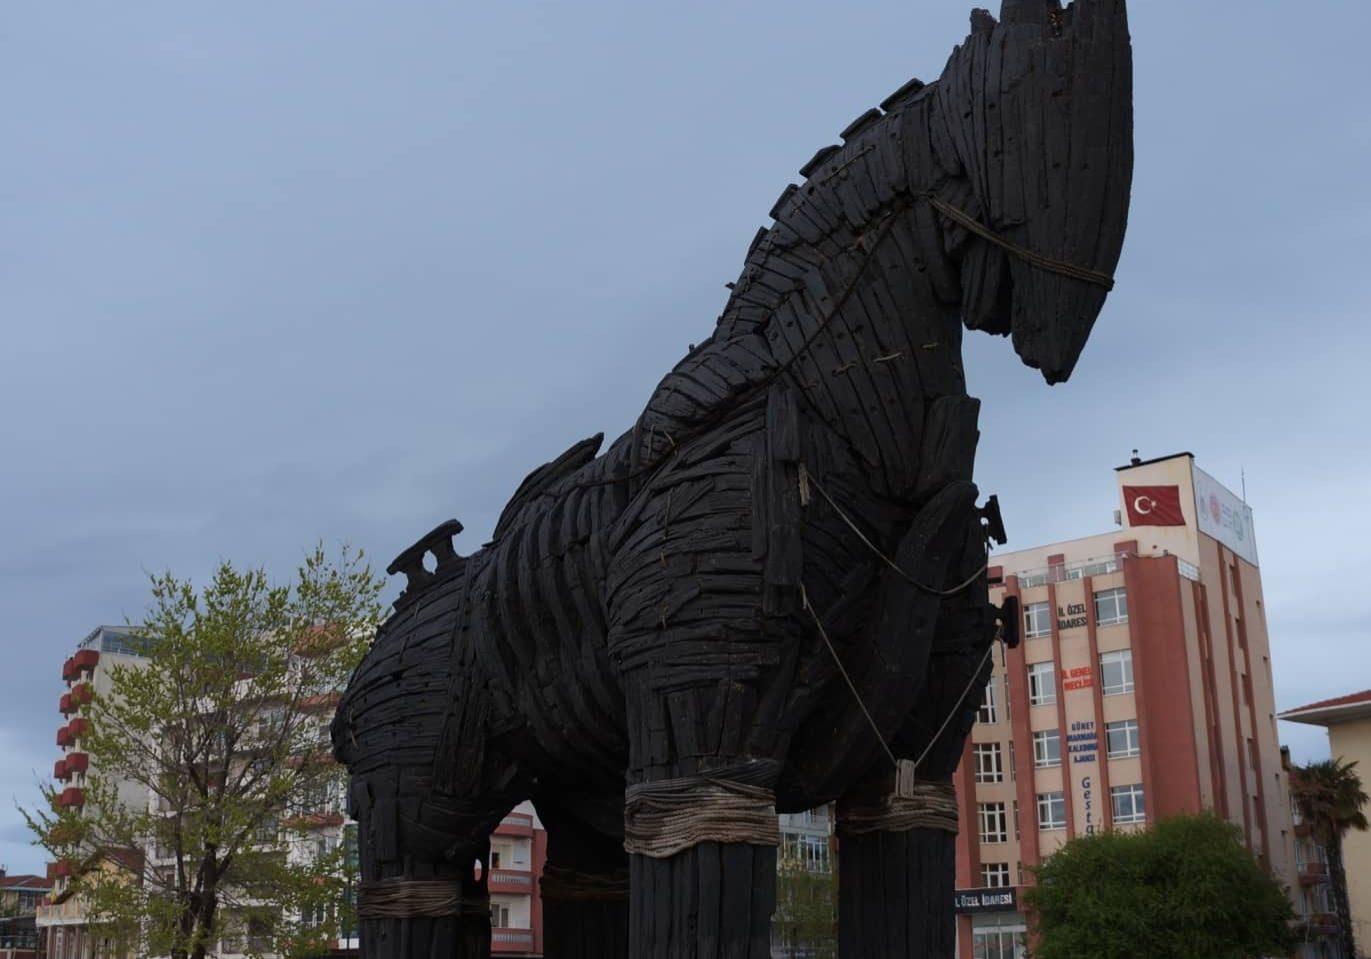 maketa Trojského koně, na náměstí města Canakkale na Asijské části Turecka